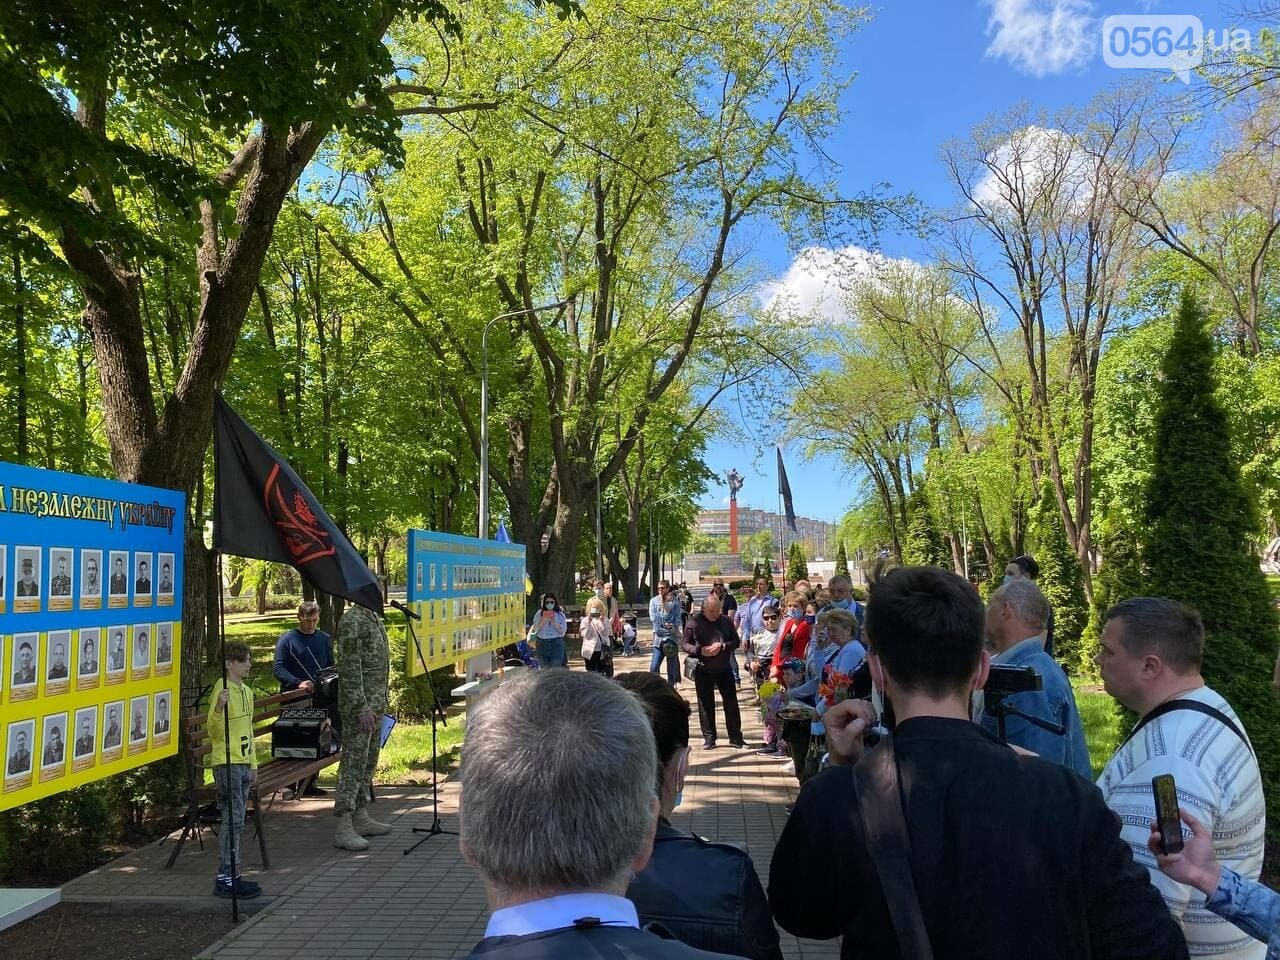 """7 годовщина создания батальона """"Кривбасс"""": горожане почтили память мертвых и поблагодарили живых воинов, - ФОТО, ВИДЕО , фото-4"""